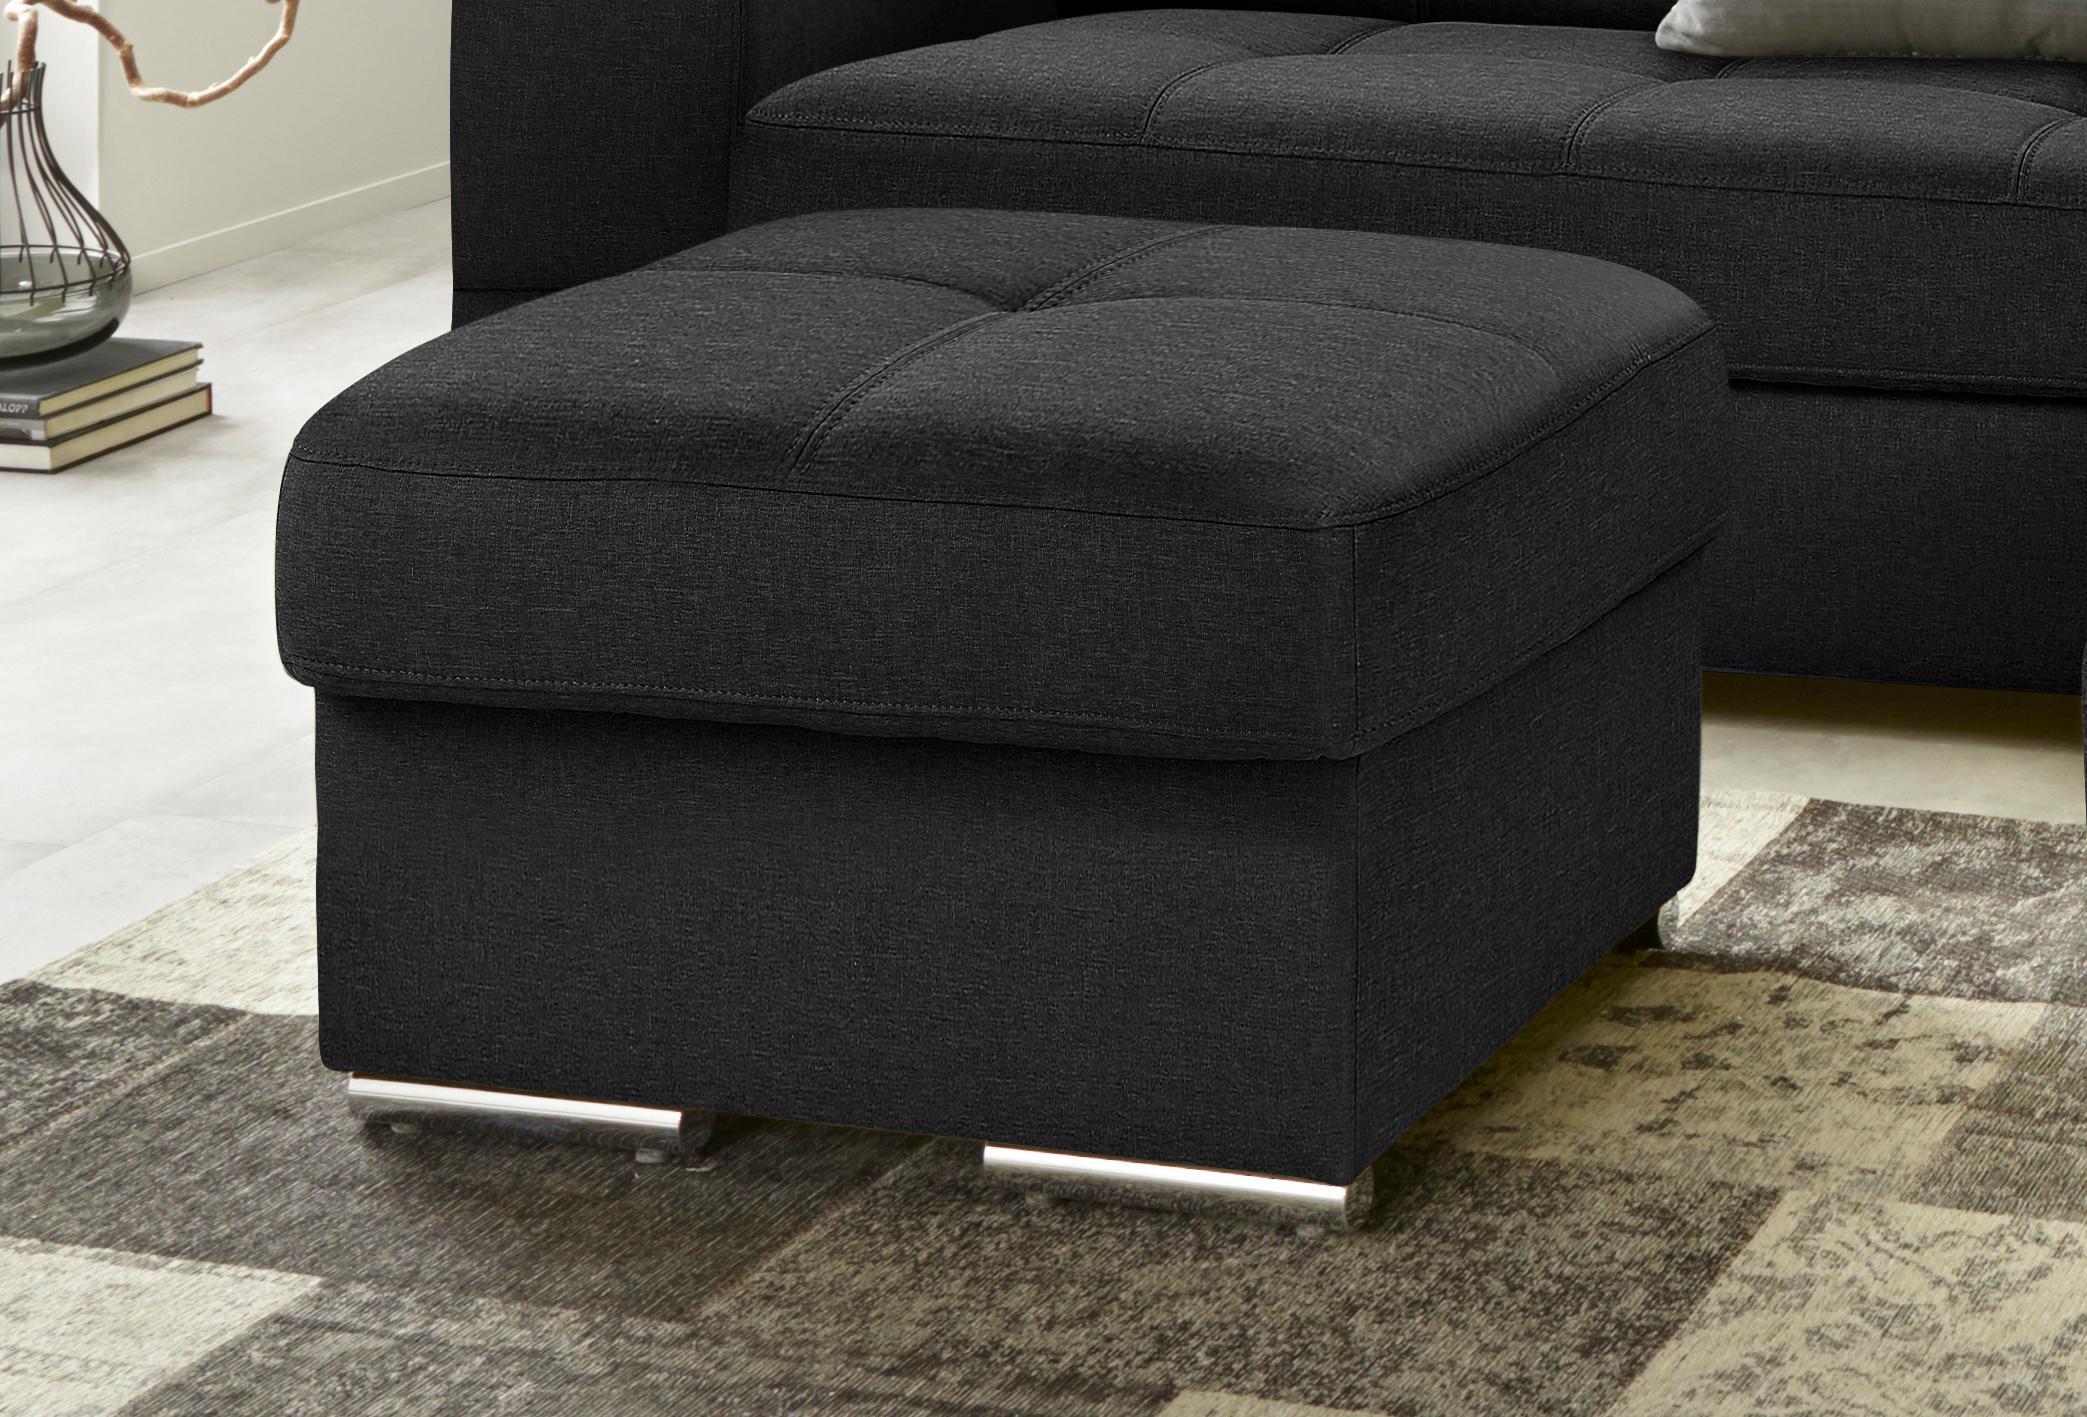 Trendmanufaktur Hocker | Wohnzimmer > Hocker & Poufs > Sitzhocker | Microfaser | TRENDMANUFAKTUR